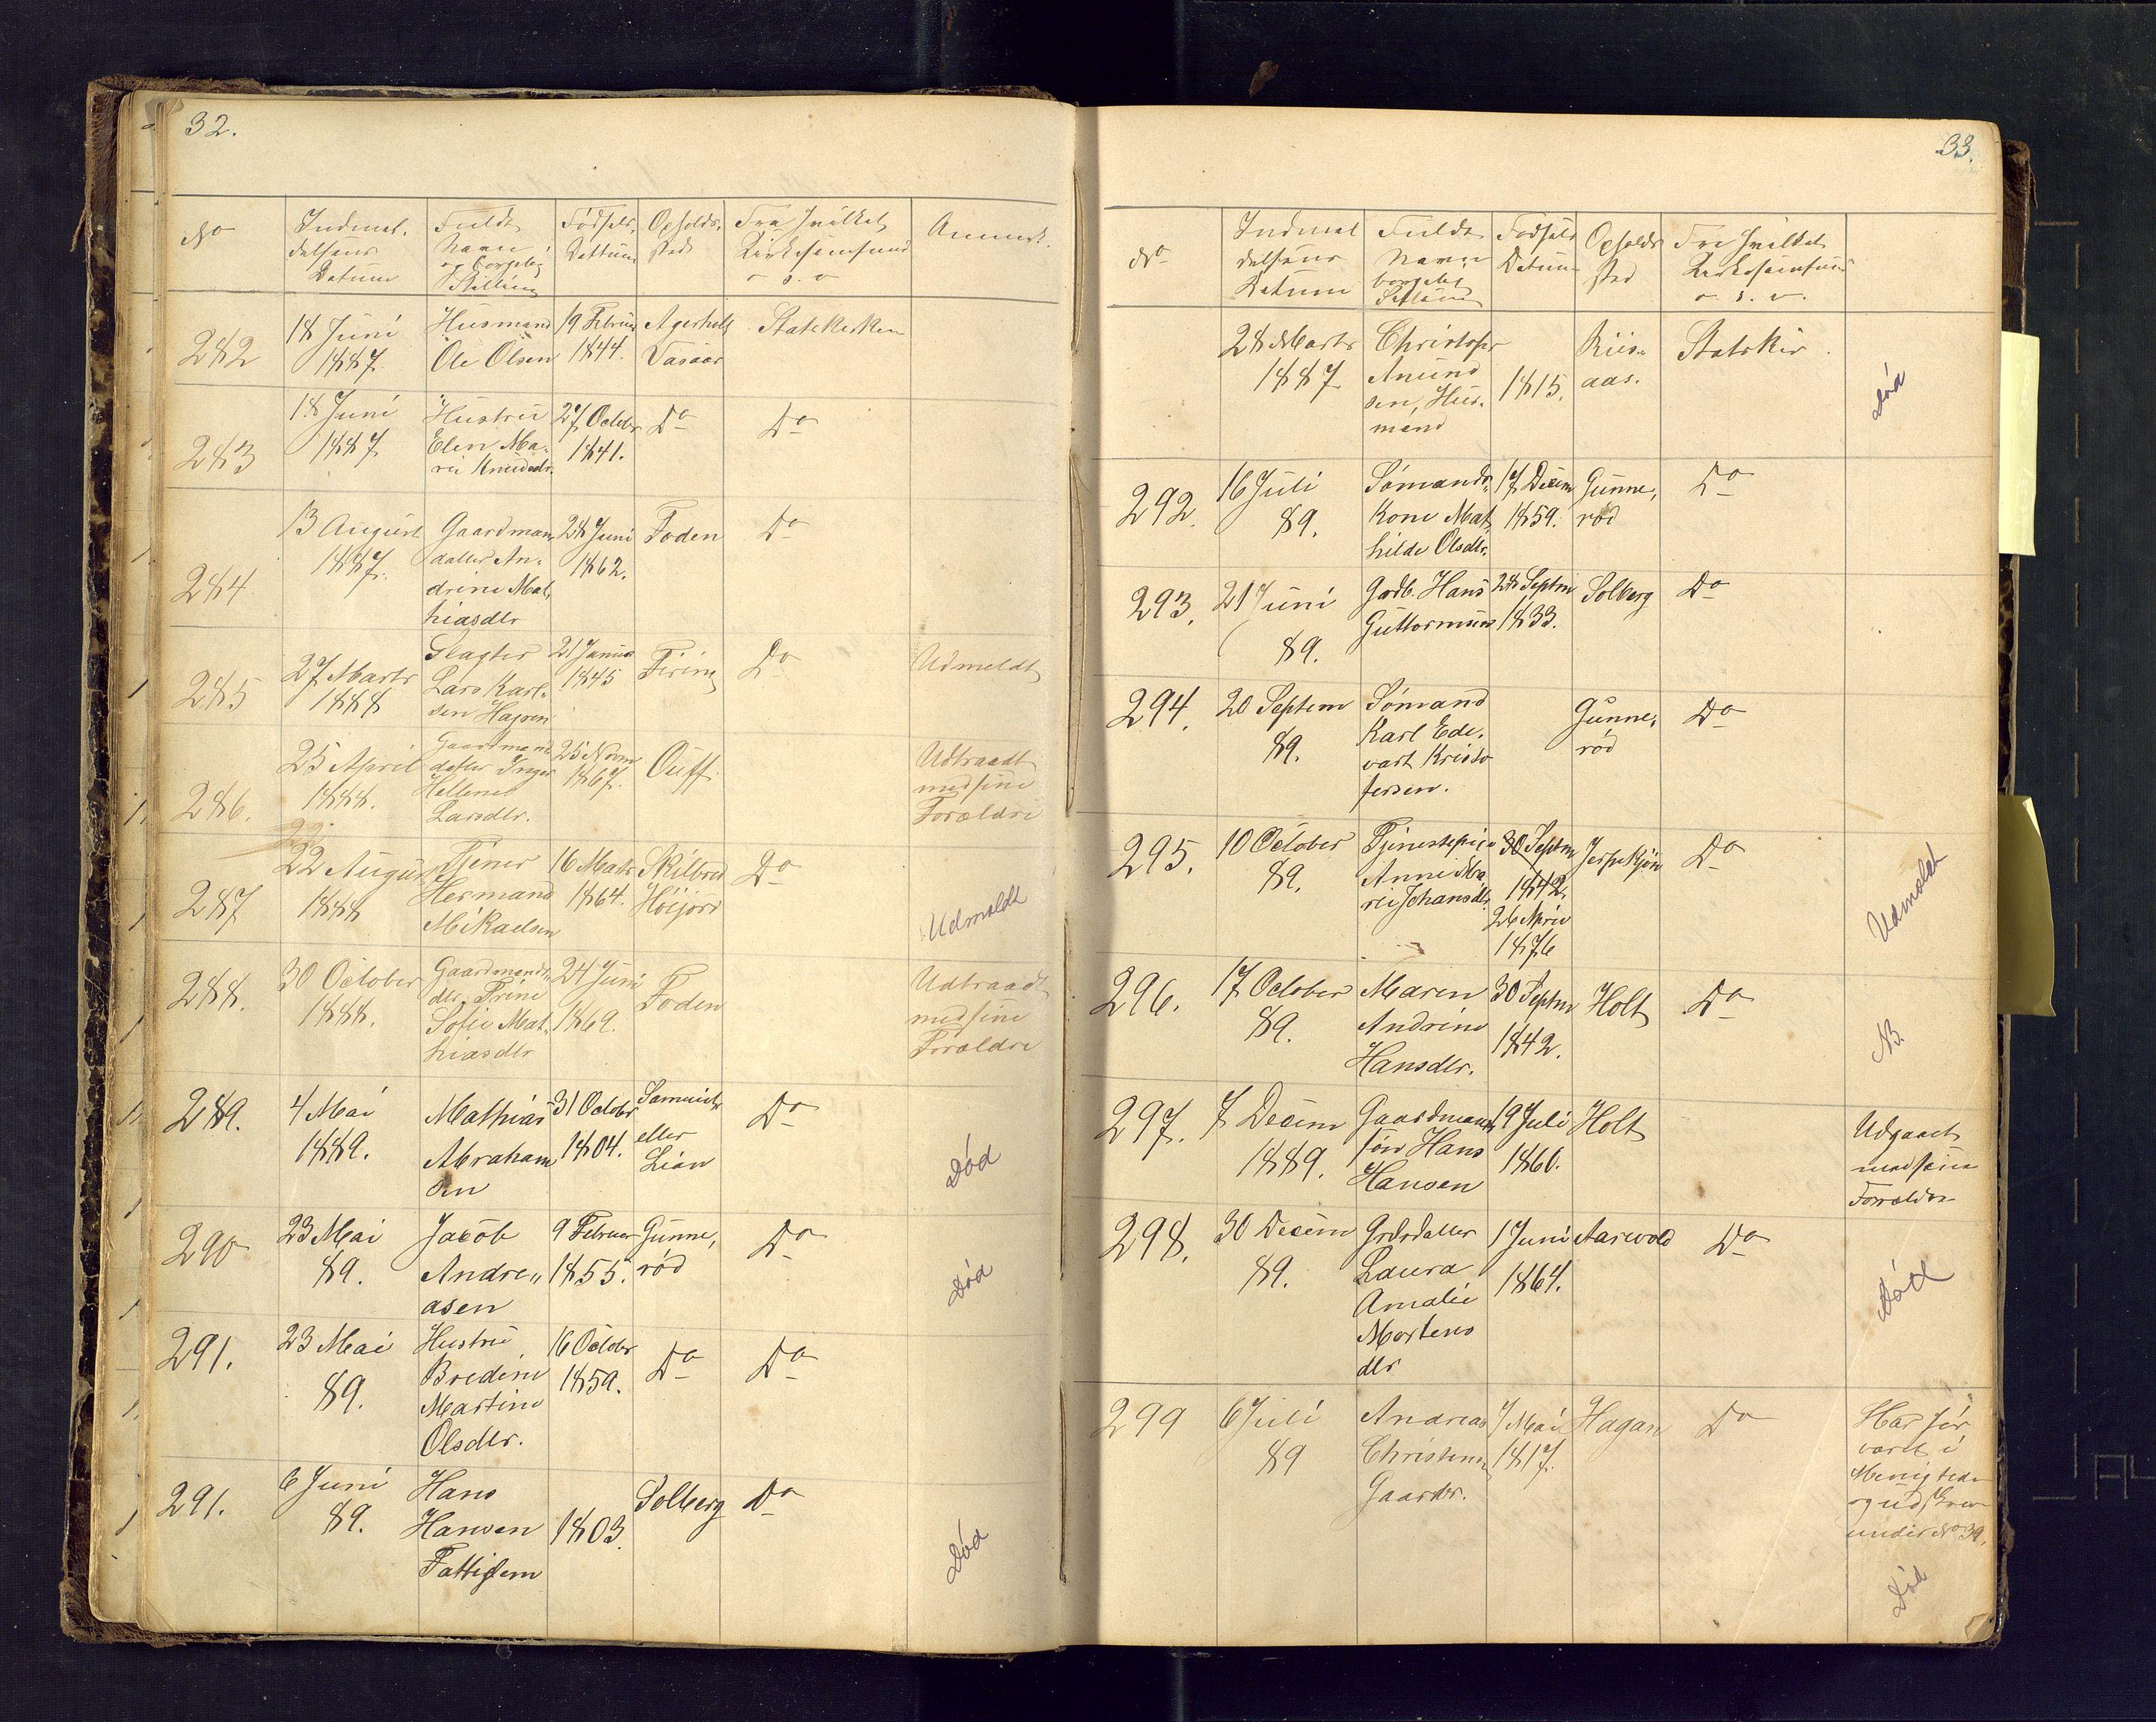 SAKO, Den evangelisk lutherske frimenighet i Jarlsbergs grevskap med flere steder, F/Fa/L0001: Dissenter register no. Fa/L0001, 1872-1925, p. 32-33